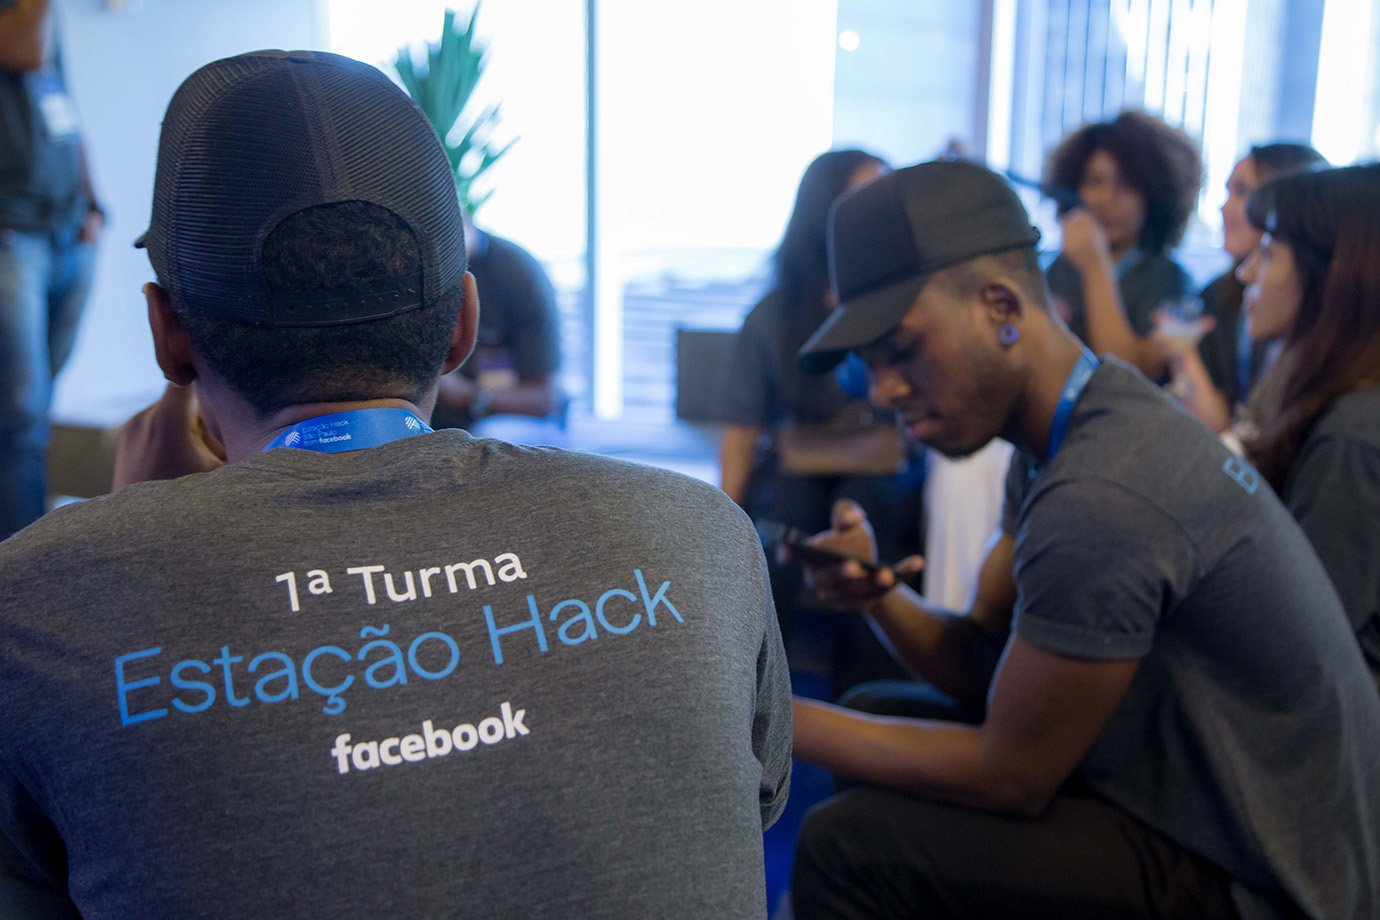 Jovens na Estação Hack, centro de inovação do Facebook em São Paulo